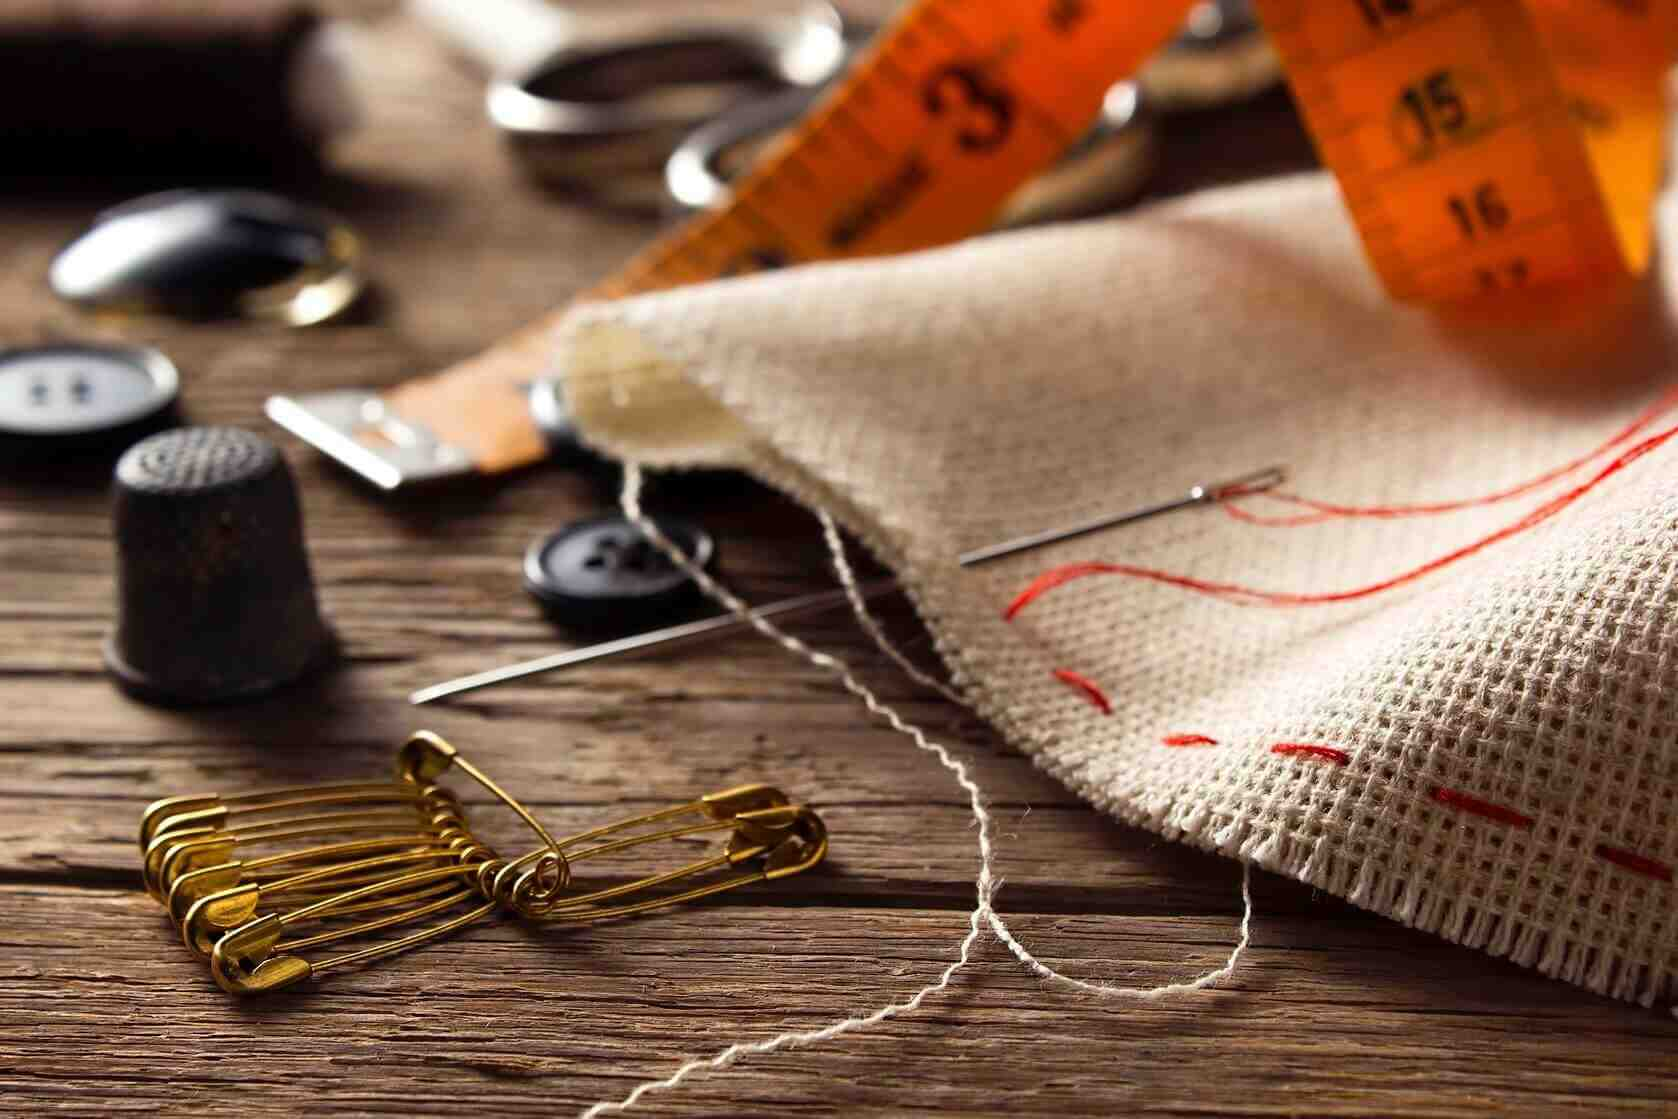 Comment faire une belle couture à la main?